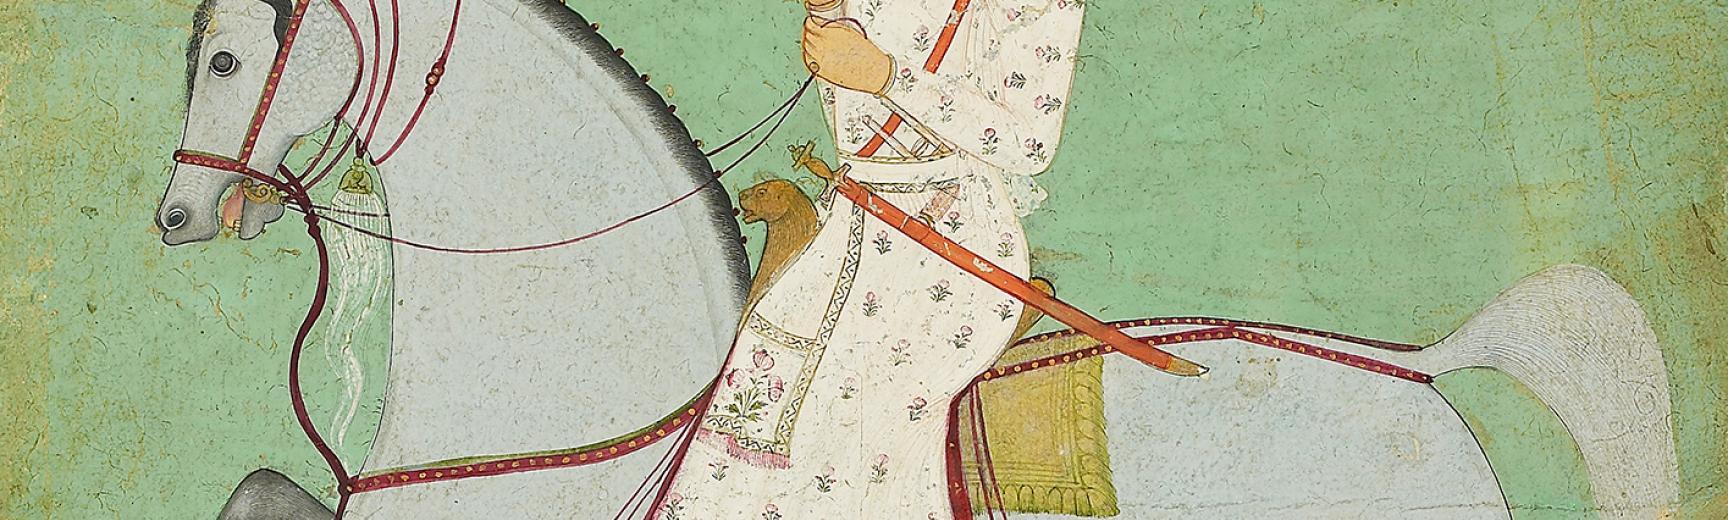 Maharaja Dhiraj Singh riding